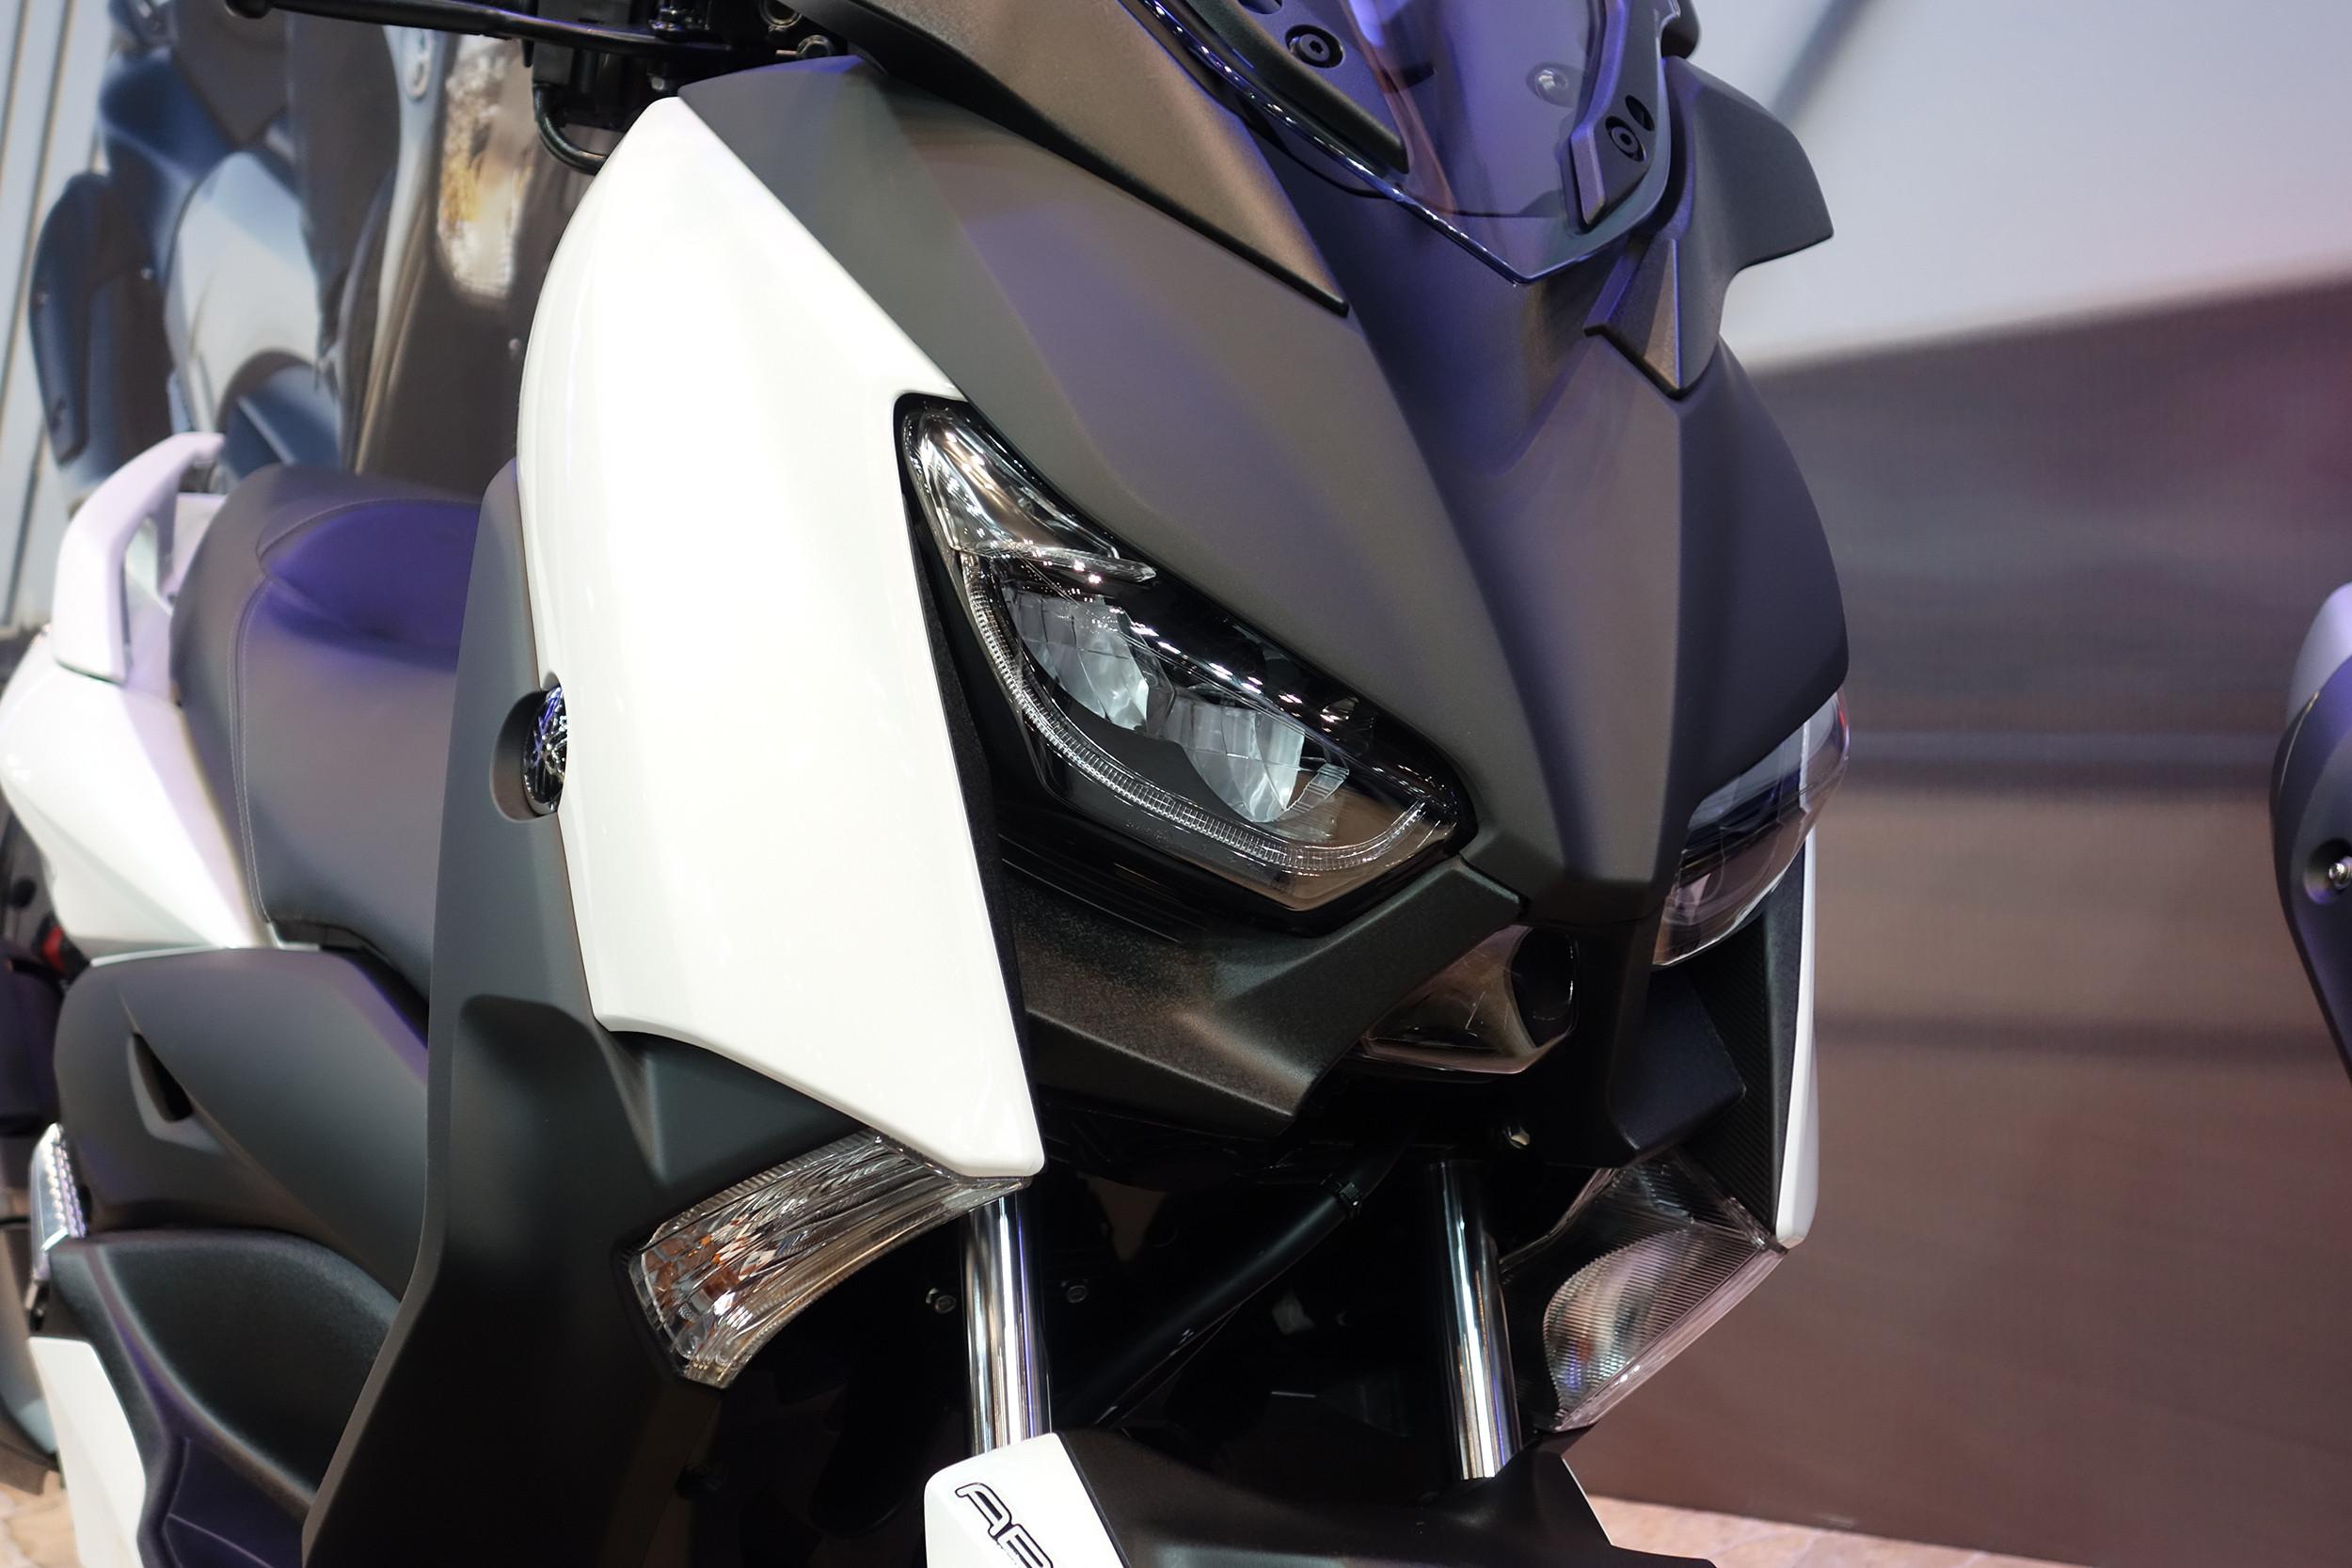 個人的バイクまとめブログXMAX250の東京モーターサイクルショーの写真や情報等コメントコメントする